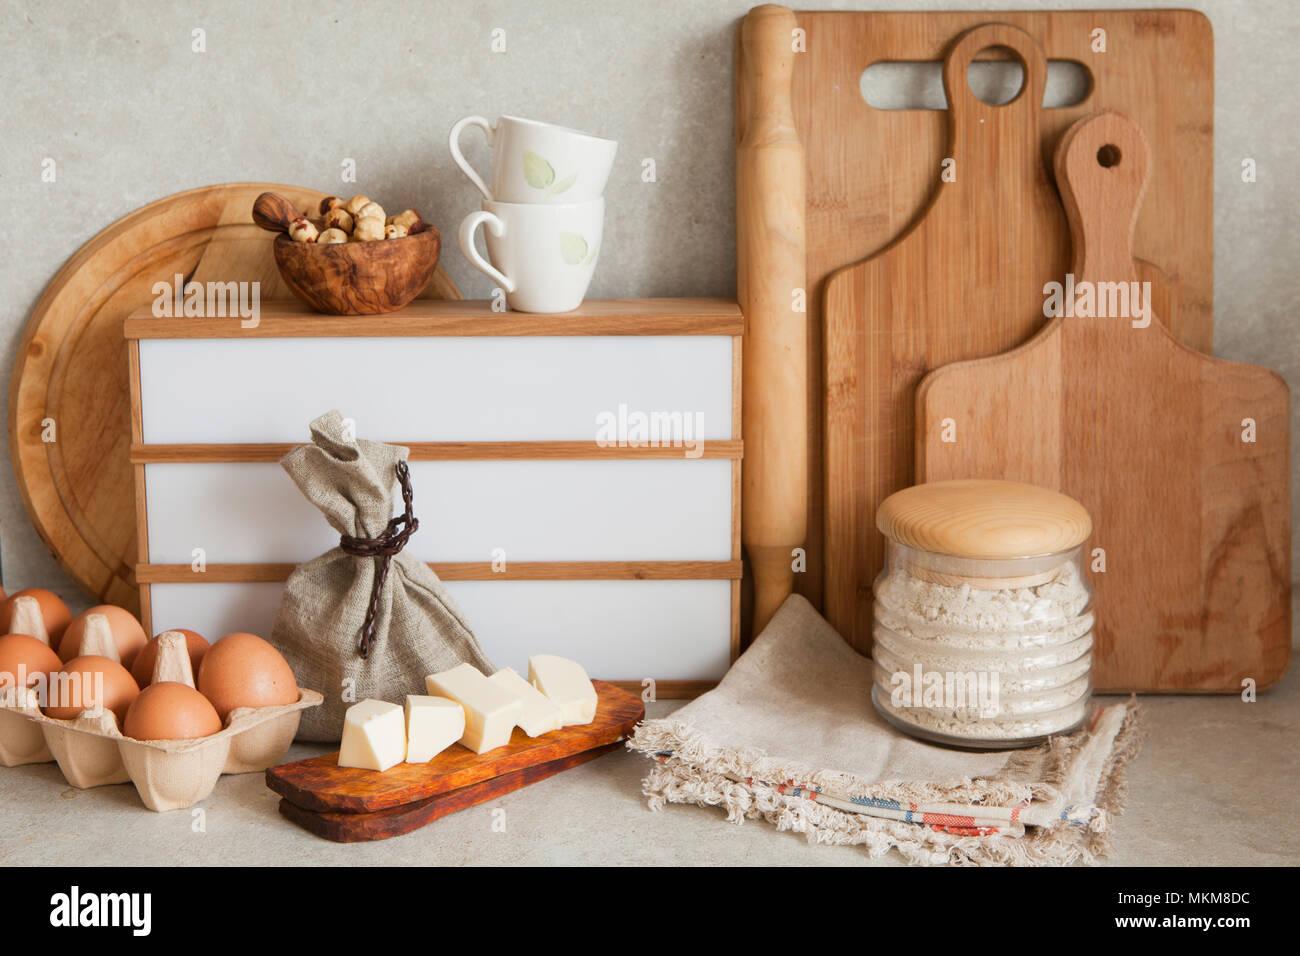 La cottura o la cottura ingredienti articoli da cucina per la